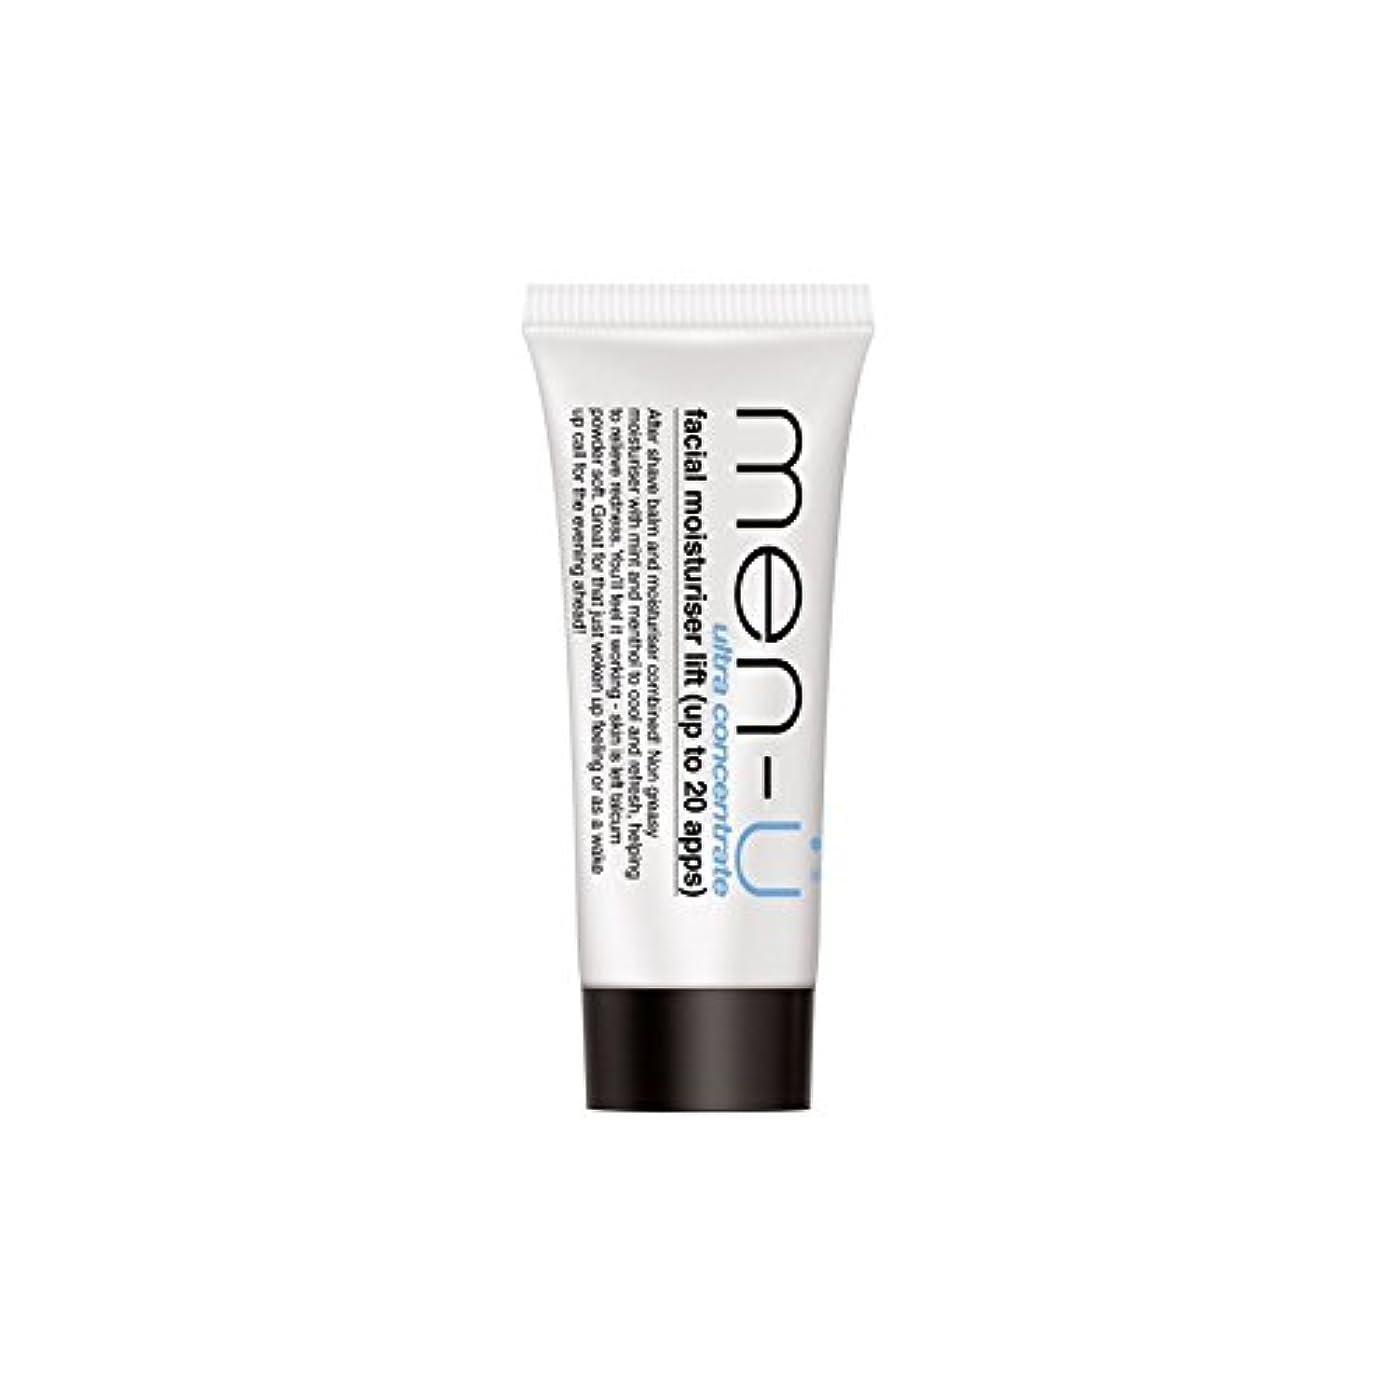 雇う理想的ディスクMen-? Buddy Facial Moisturiser Lift Tube (15ml) (Pack of 6) - 男性-のバディ顔の保湿剤のリフトチューブ(15ミリリットル) x6 [並行輸入品]